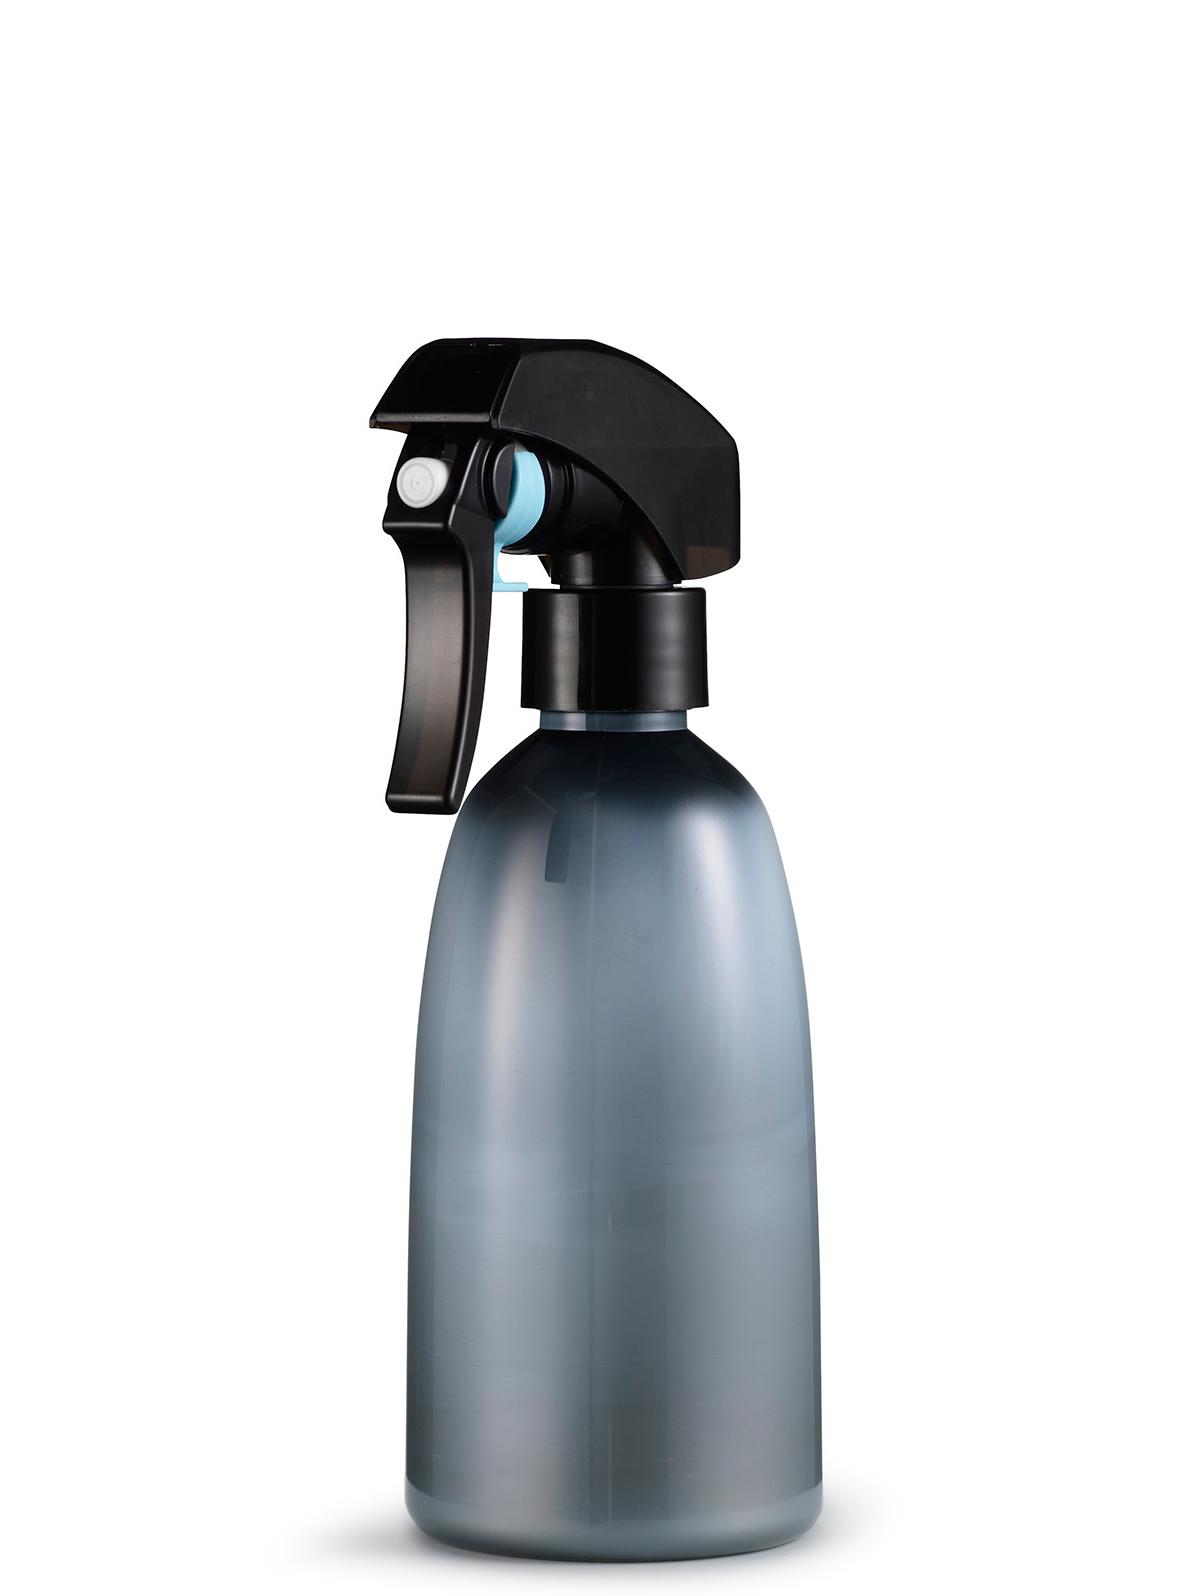 Purškiklis Bratt (sidabro spalvos) 250 ml-0